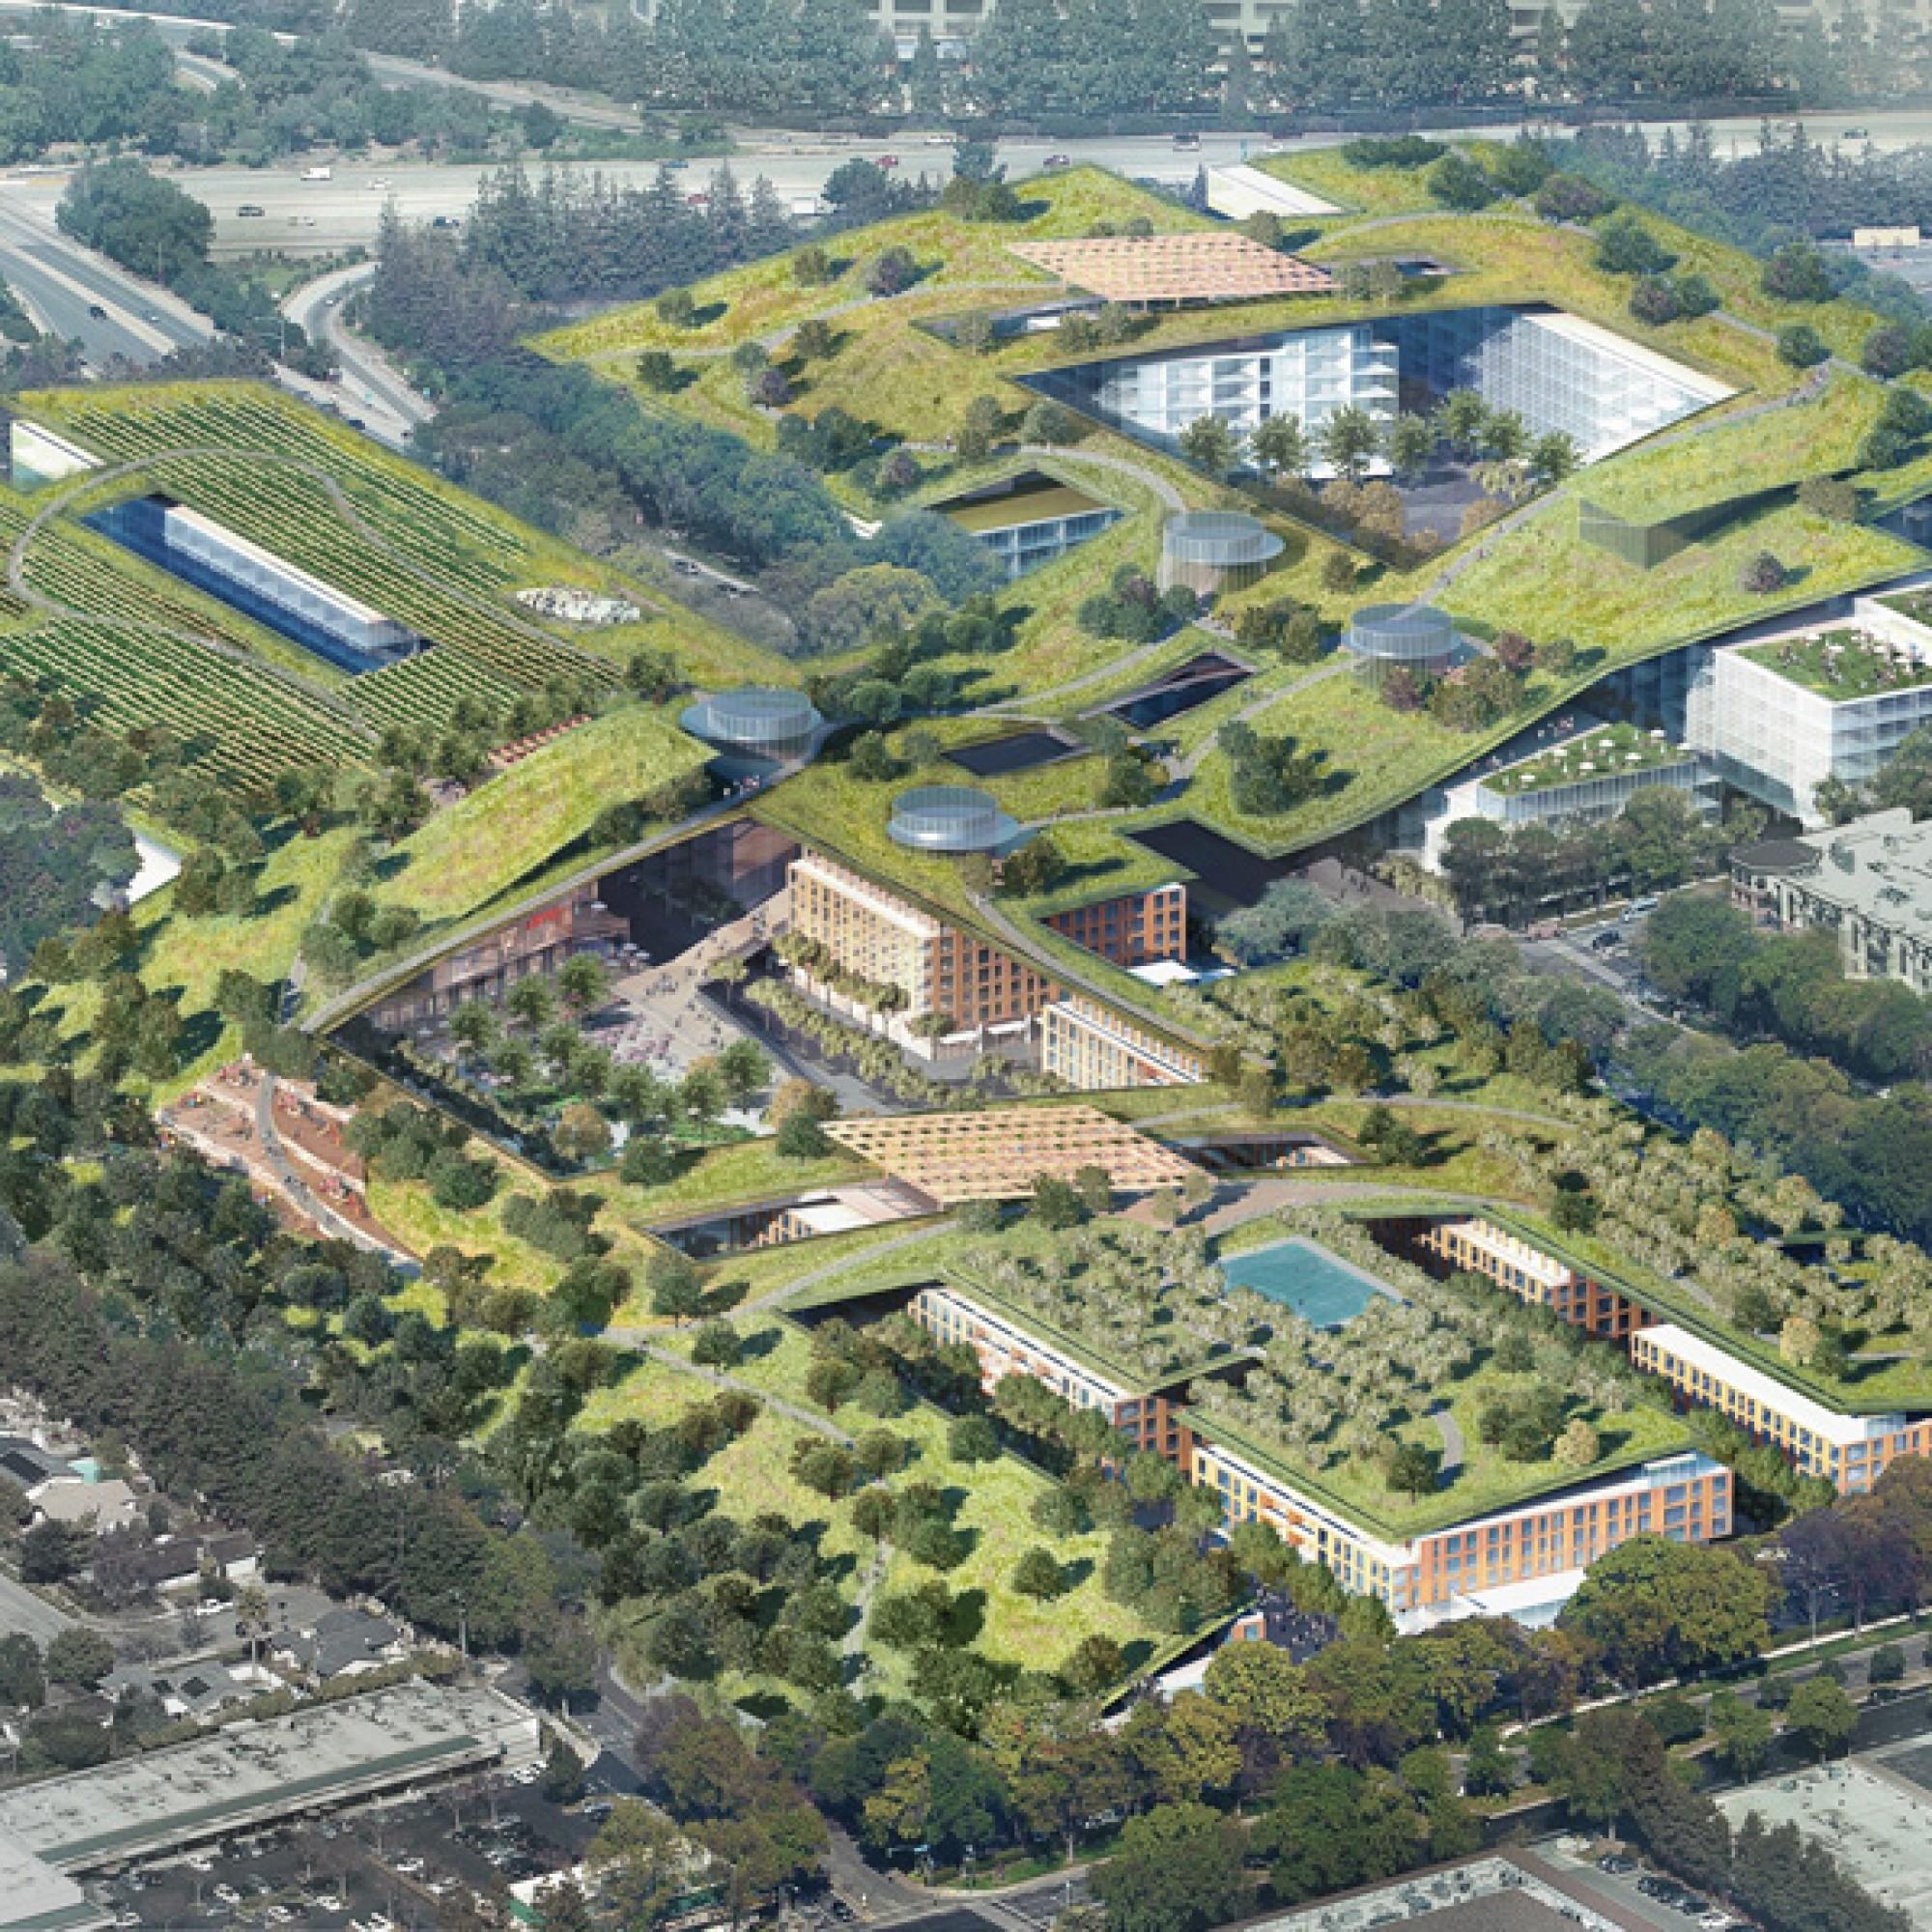 Wie ein Teppich legt sich der Park über die einzelnen Bauten. (zvg)